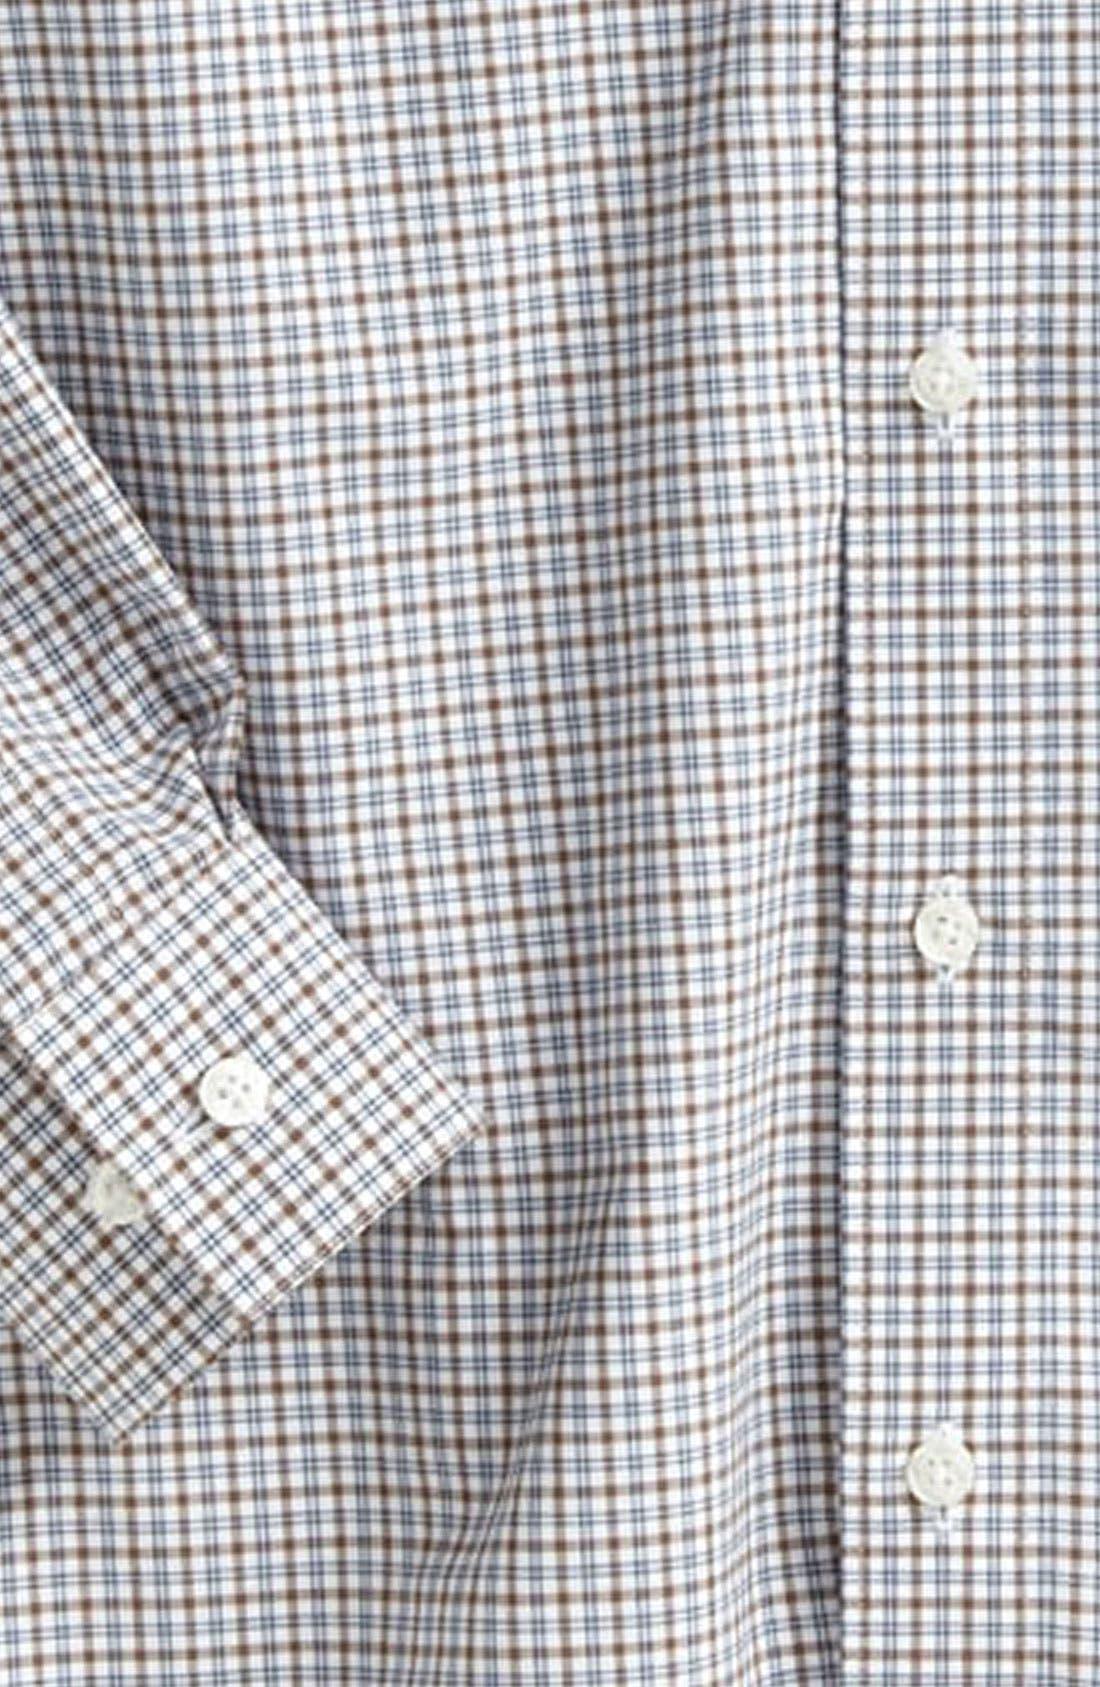 Alternate Image 2  - Nordstrom Gingham Dress Shirt (Little Boys)